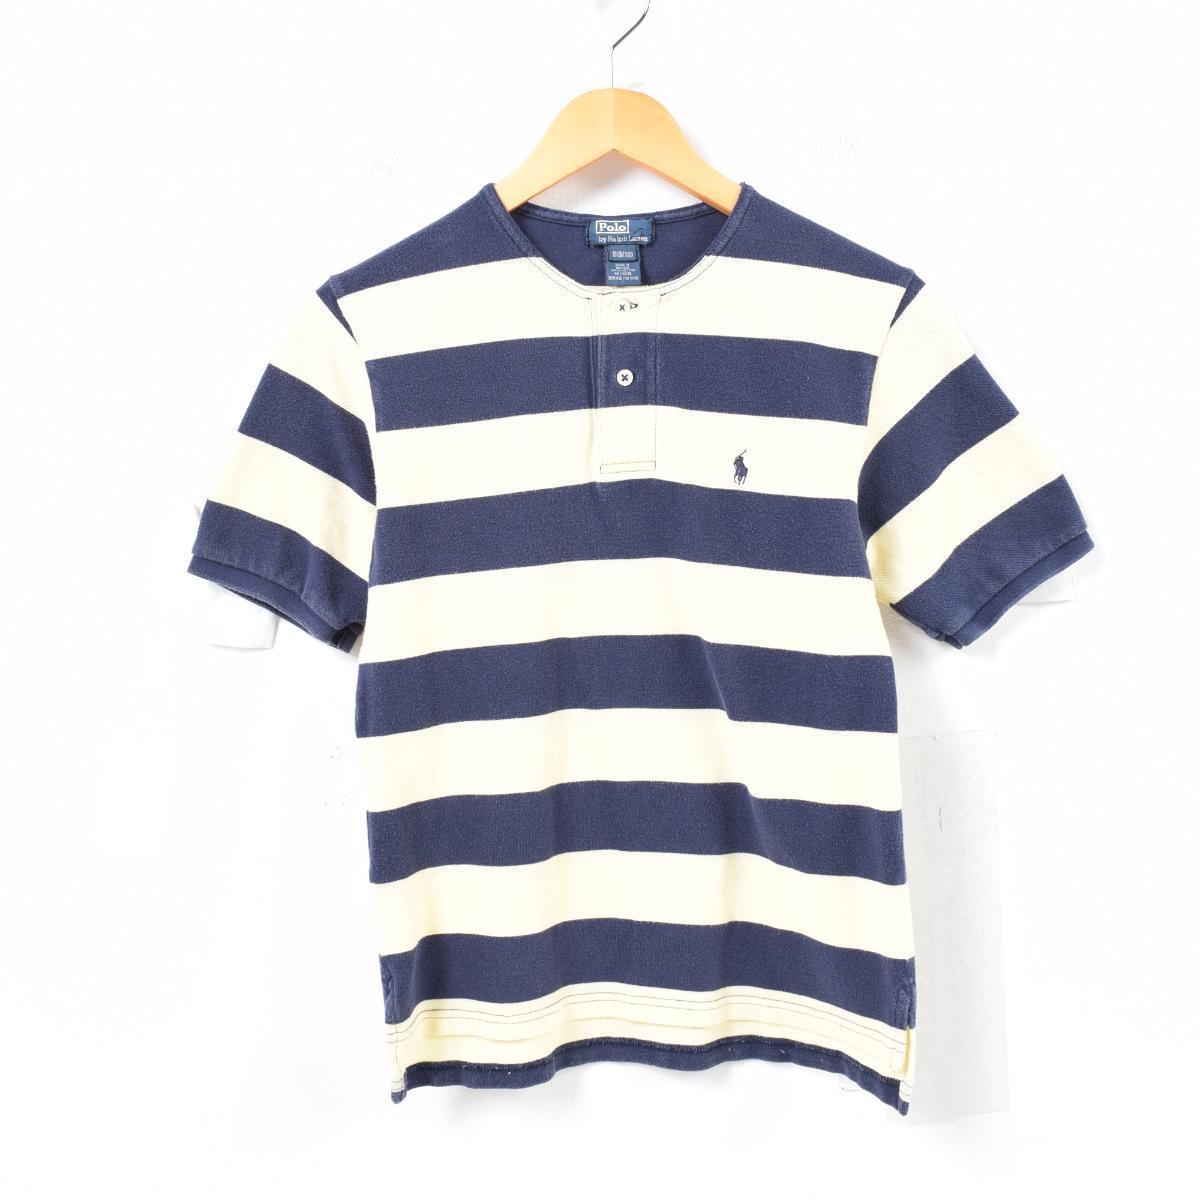 d535afccae JAM remake Ralph Lauren Ralph Lauren POLO by Ralph Lauren no-collar  short-sleeved horizontal stripe henley neck polo shirt Lady s S  waq5769